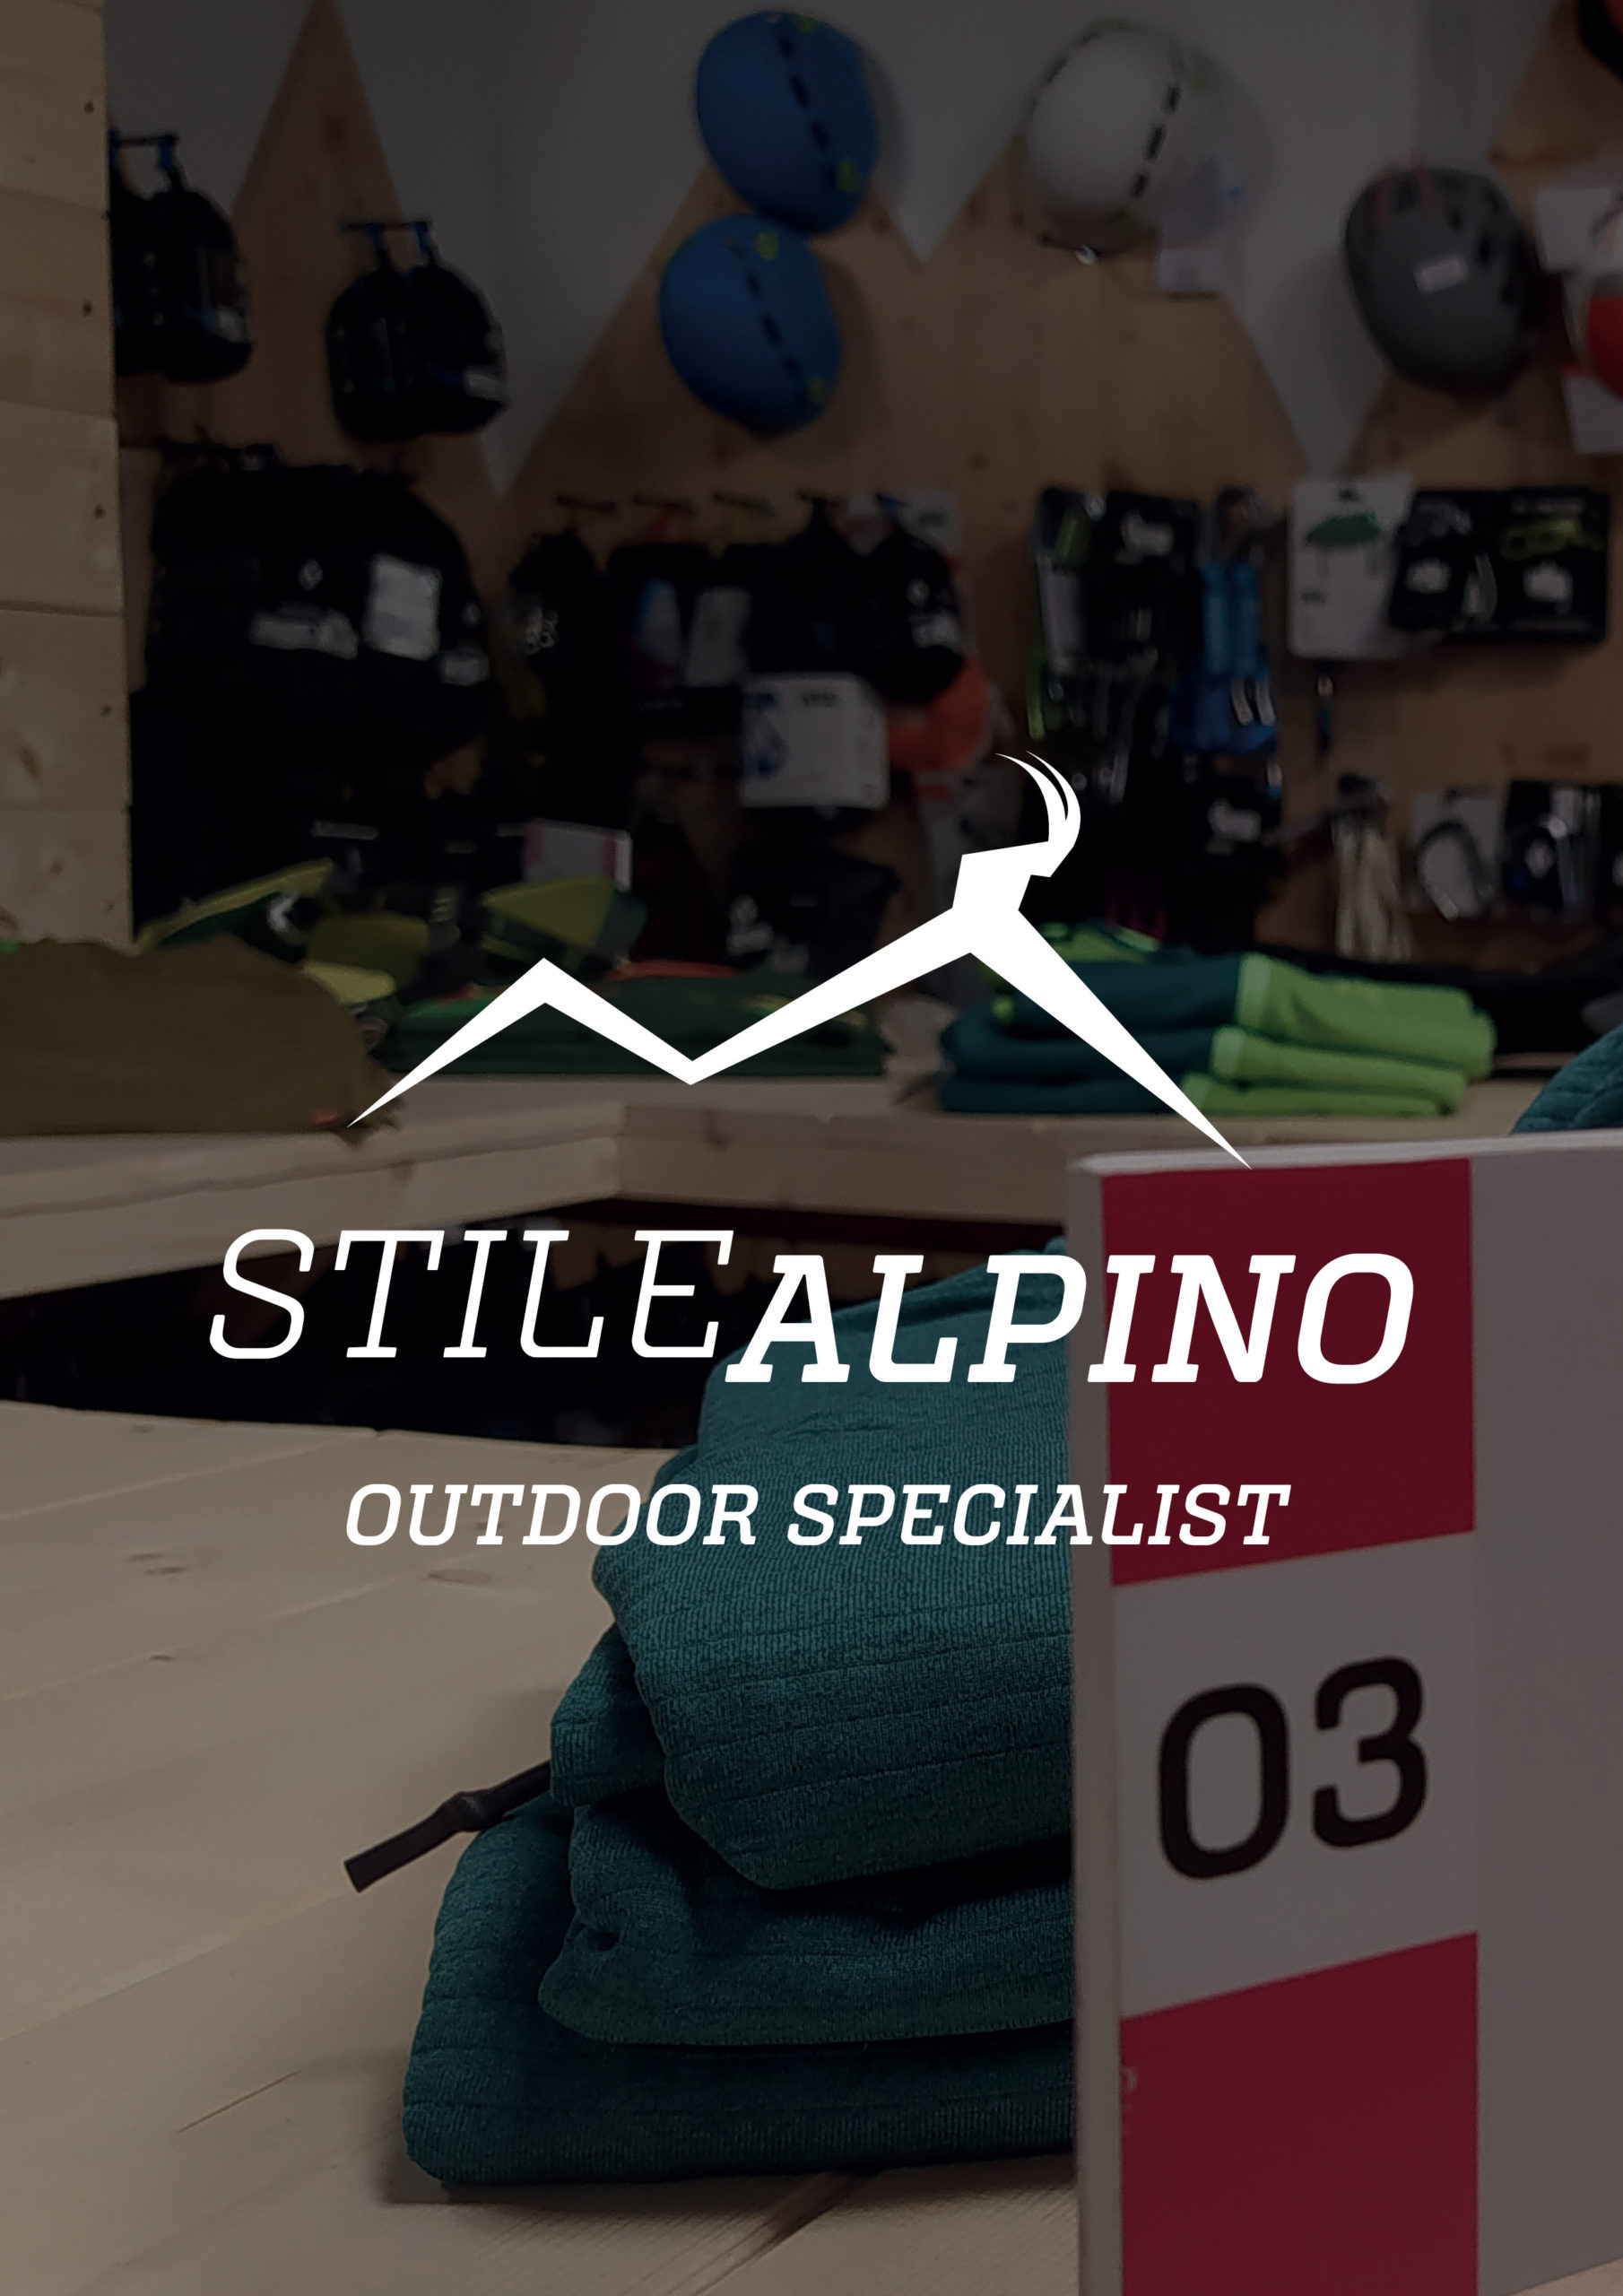 Immagine di copertina del progetto Stile Alpino, negozio di riferimento per le attività sportive Outdoor